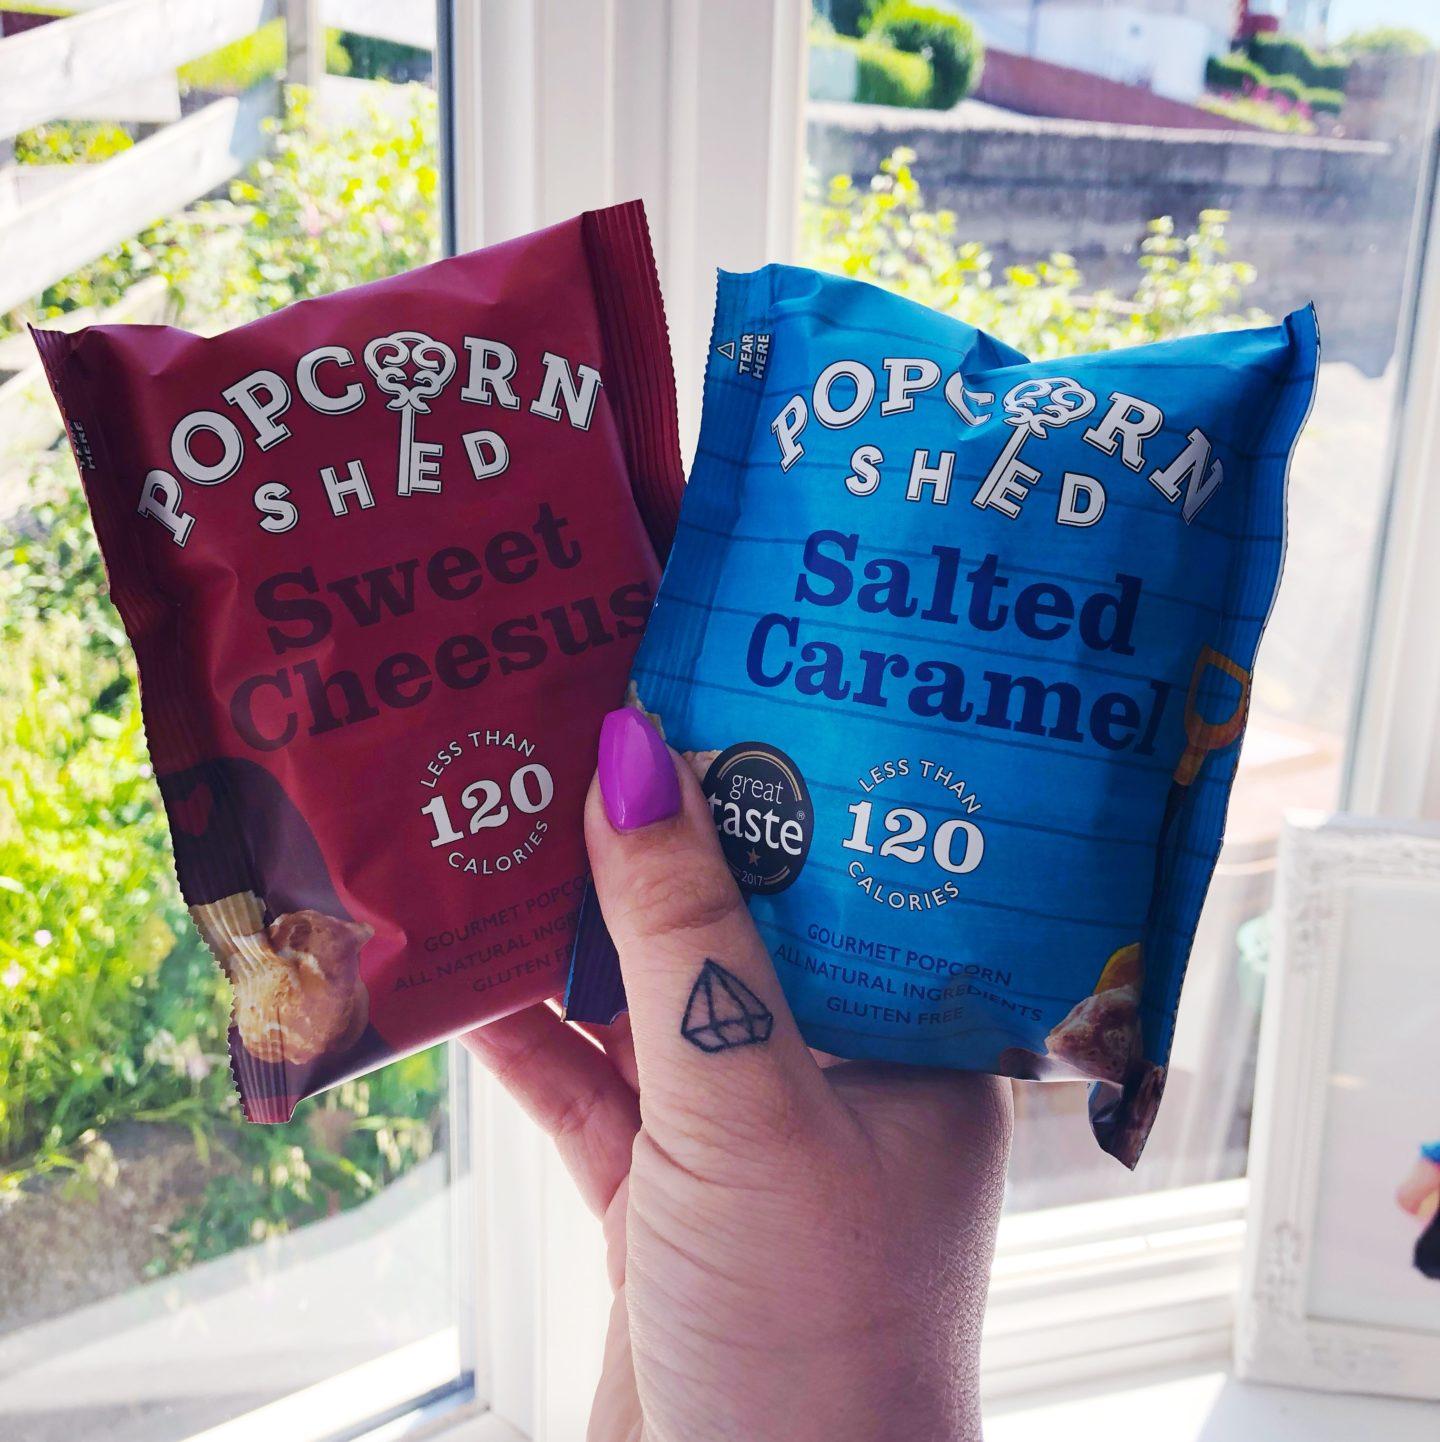 popcorn-shed-popcorn